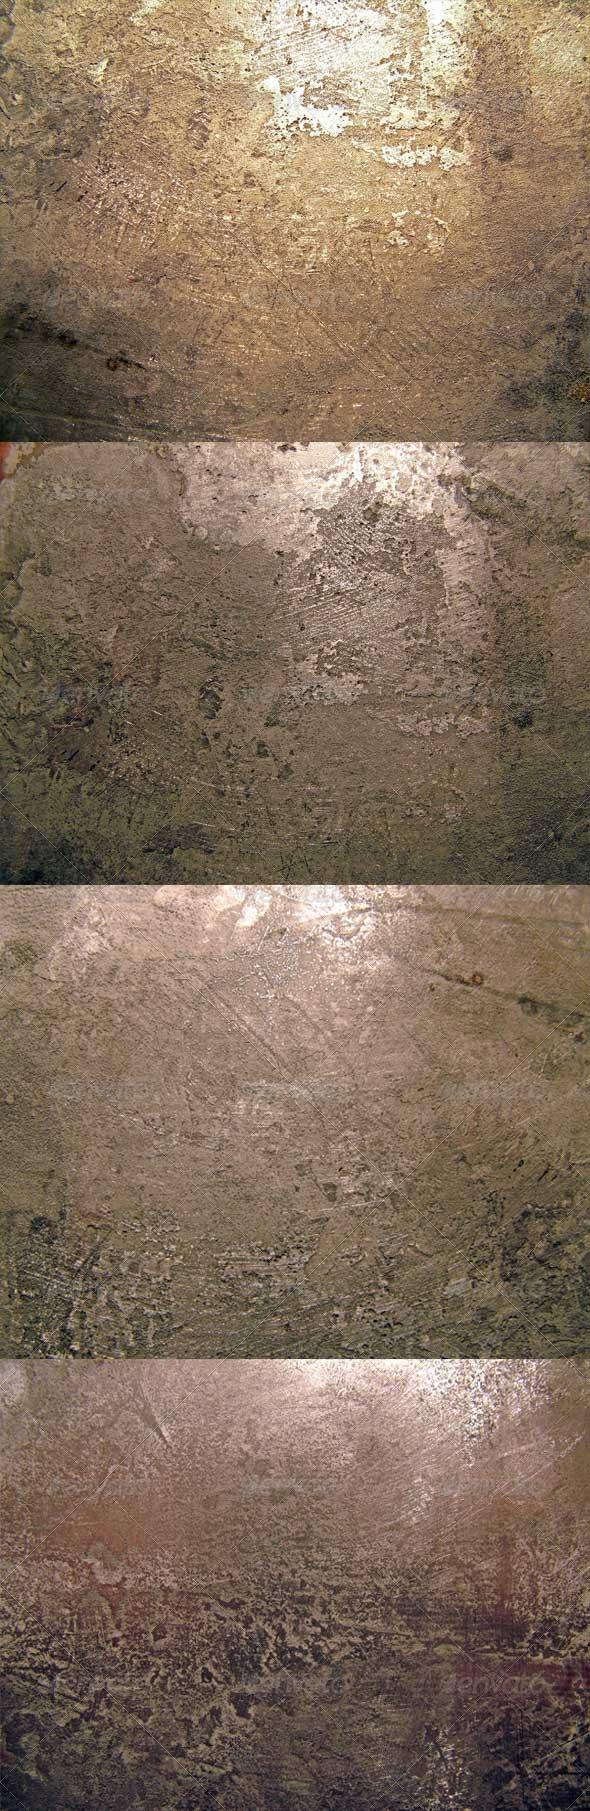 4 Metal Textures - Metal Textures